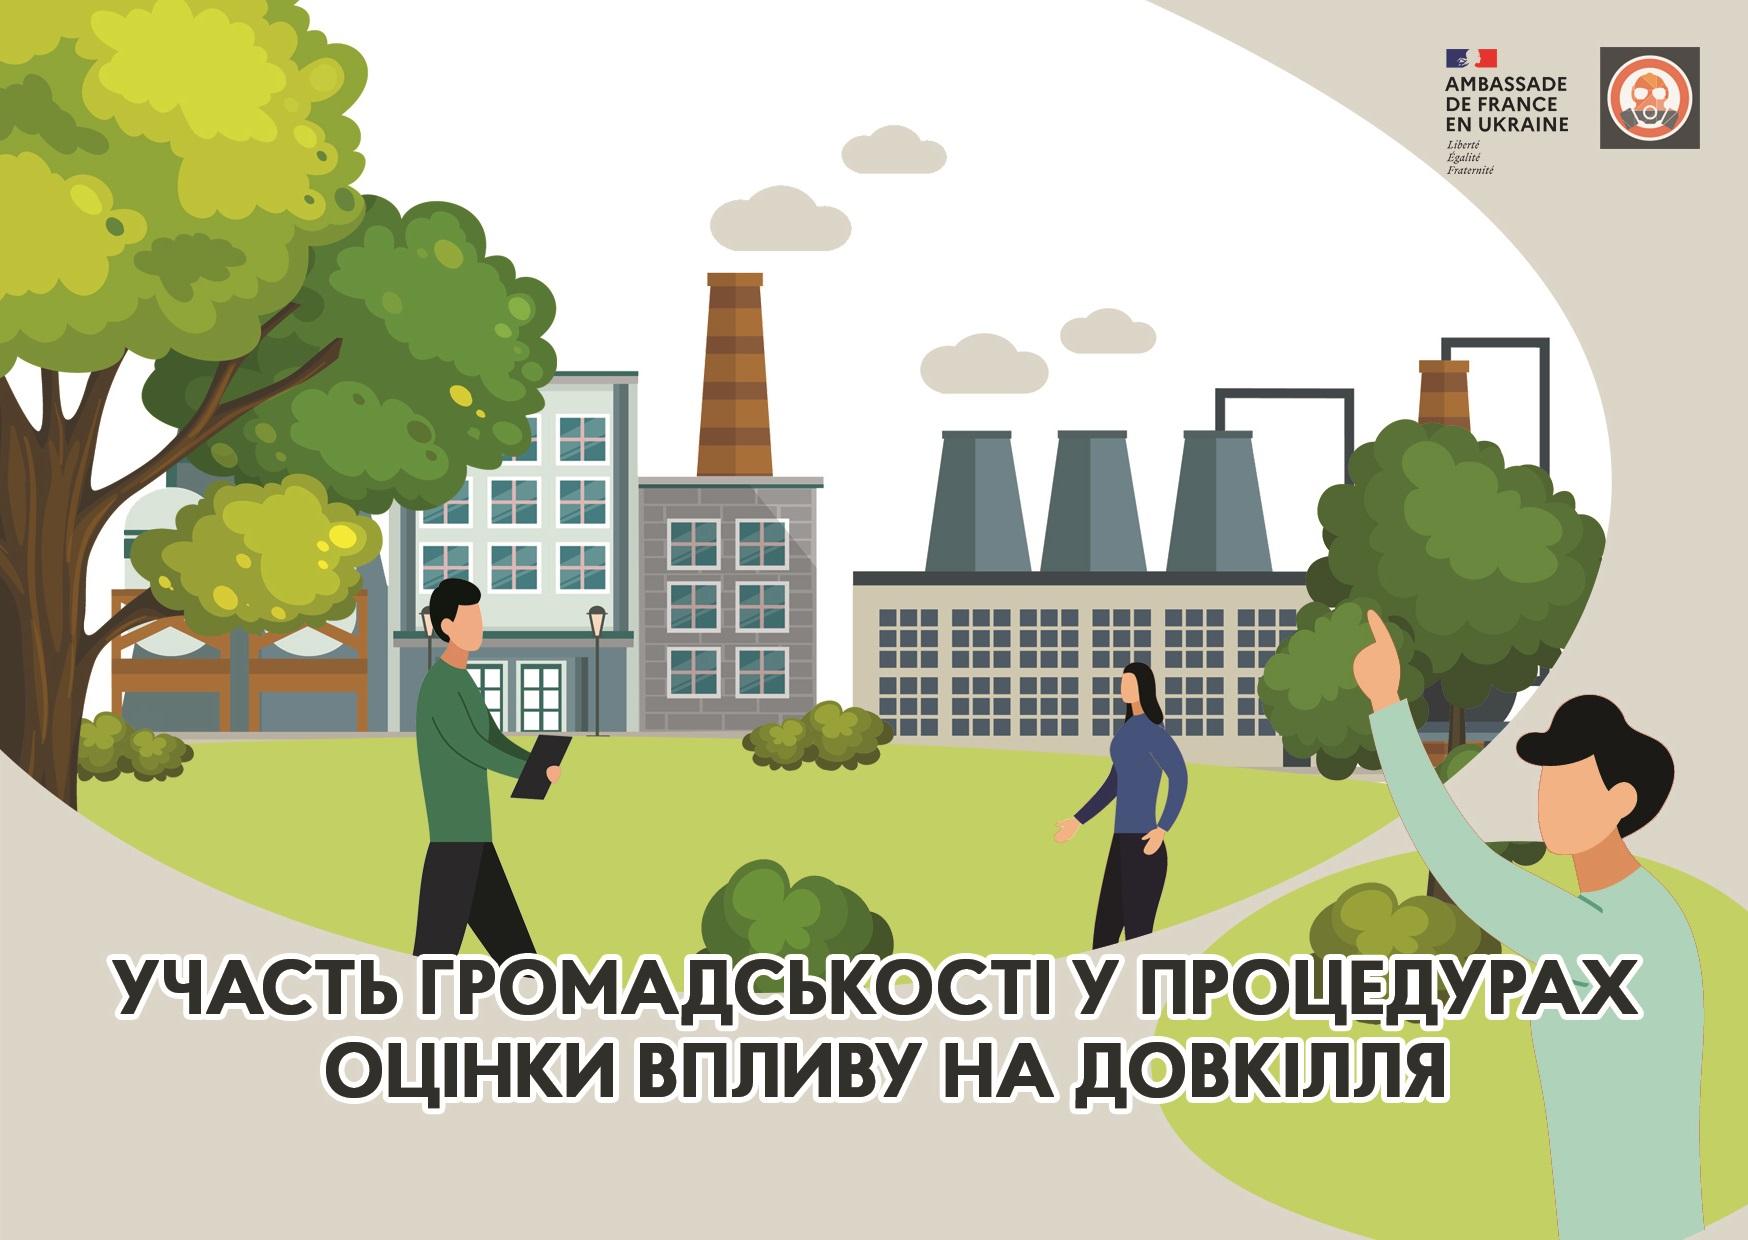 Участь громадськості у процедурах оцінки впливу на довкілля